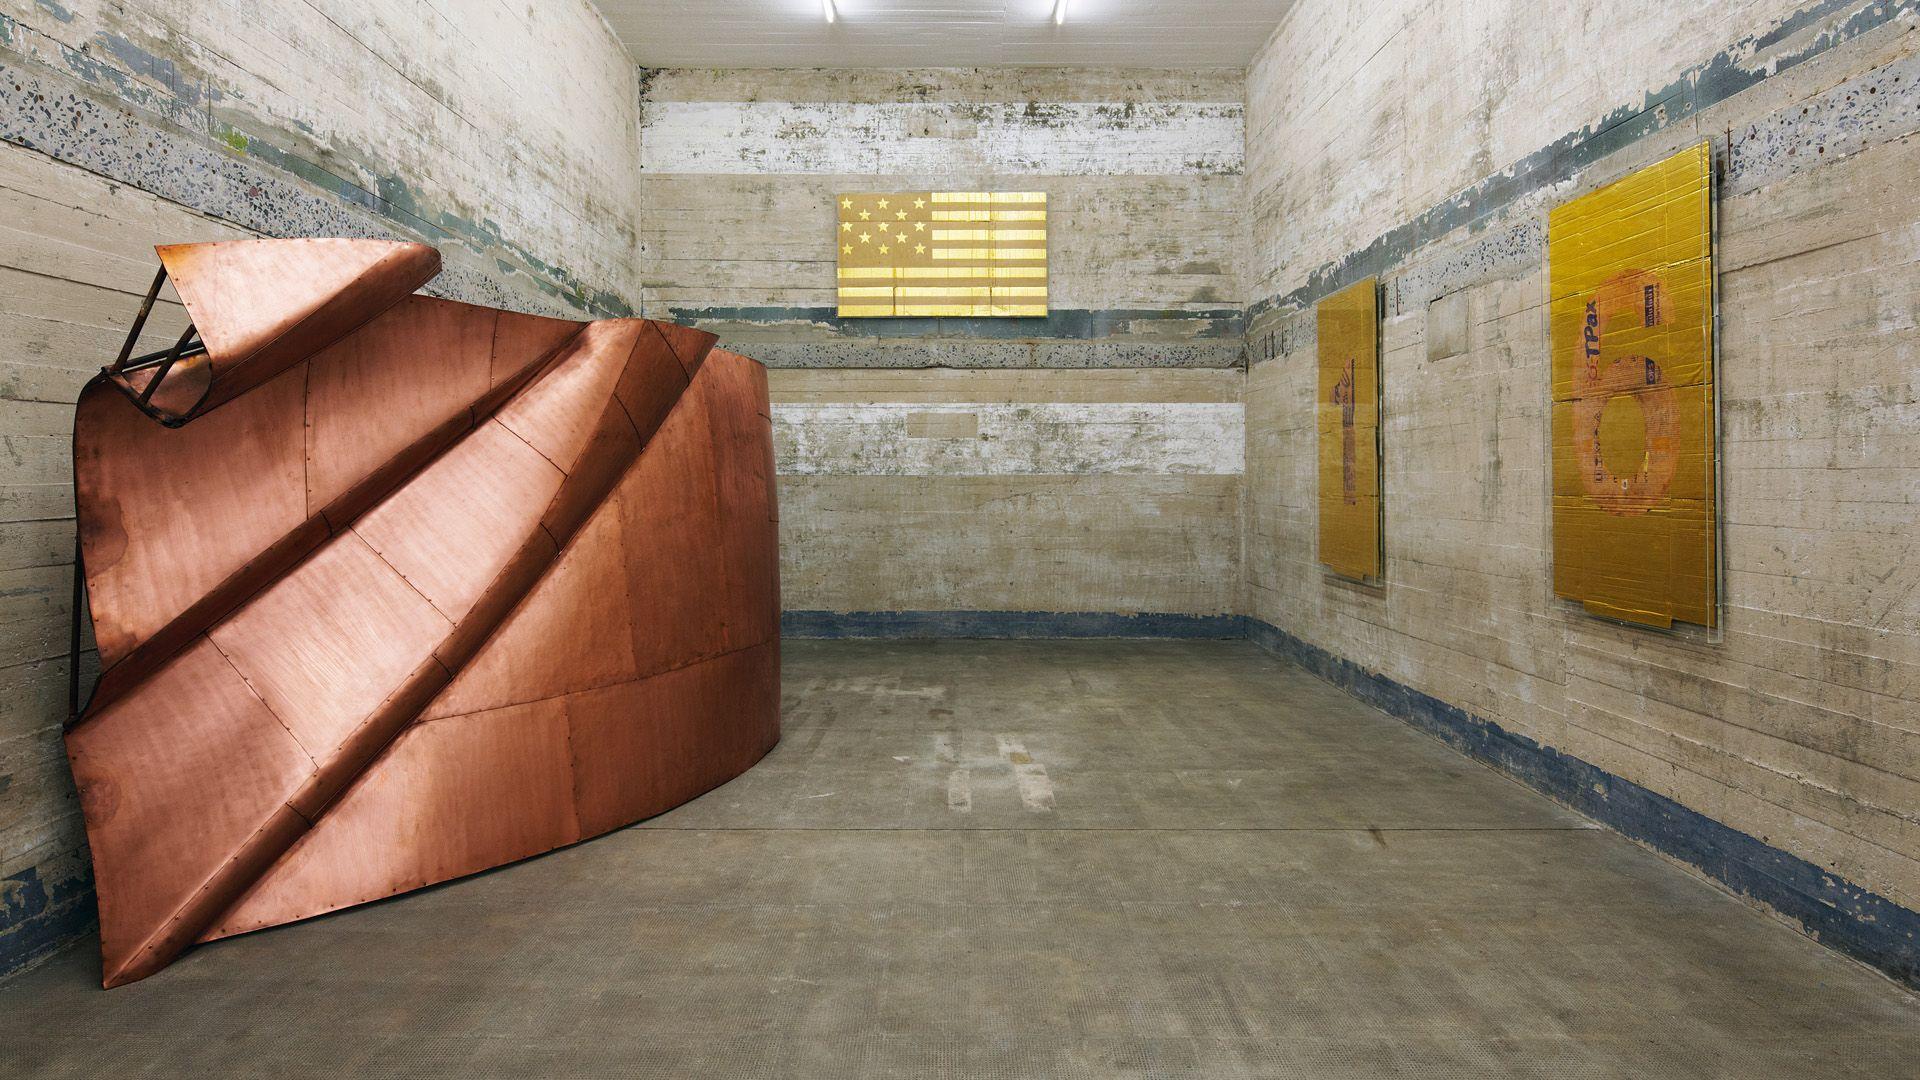 Boros Collection Sammlung Boros Contemporary Art Space Art Berlin Art